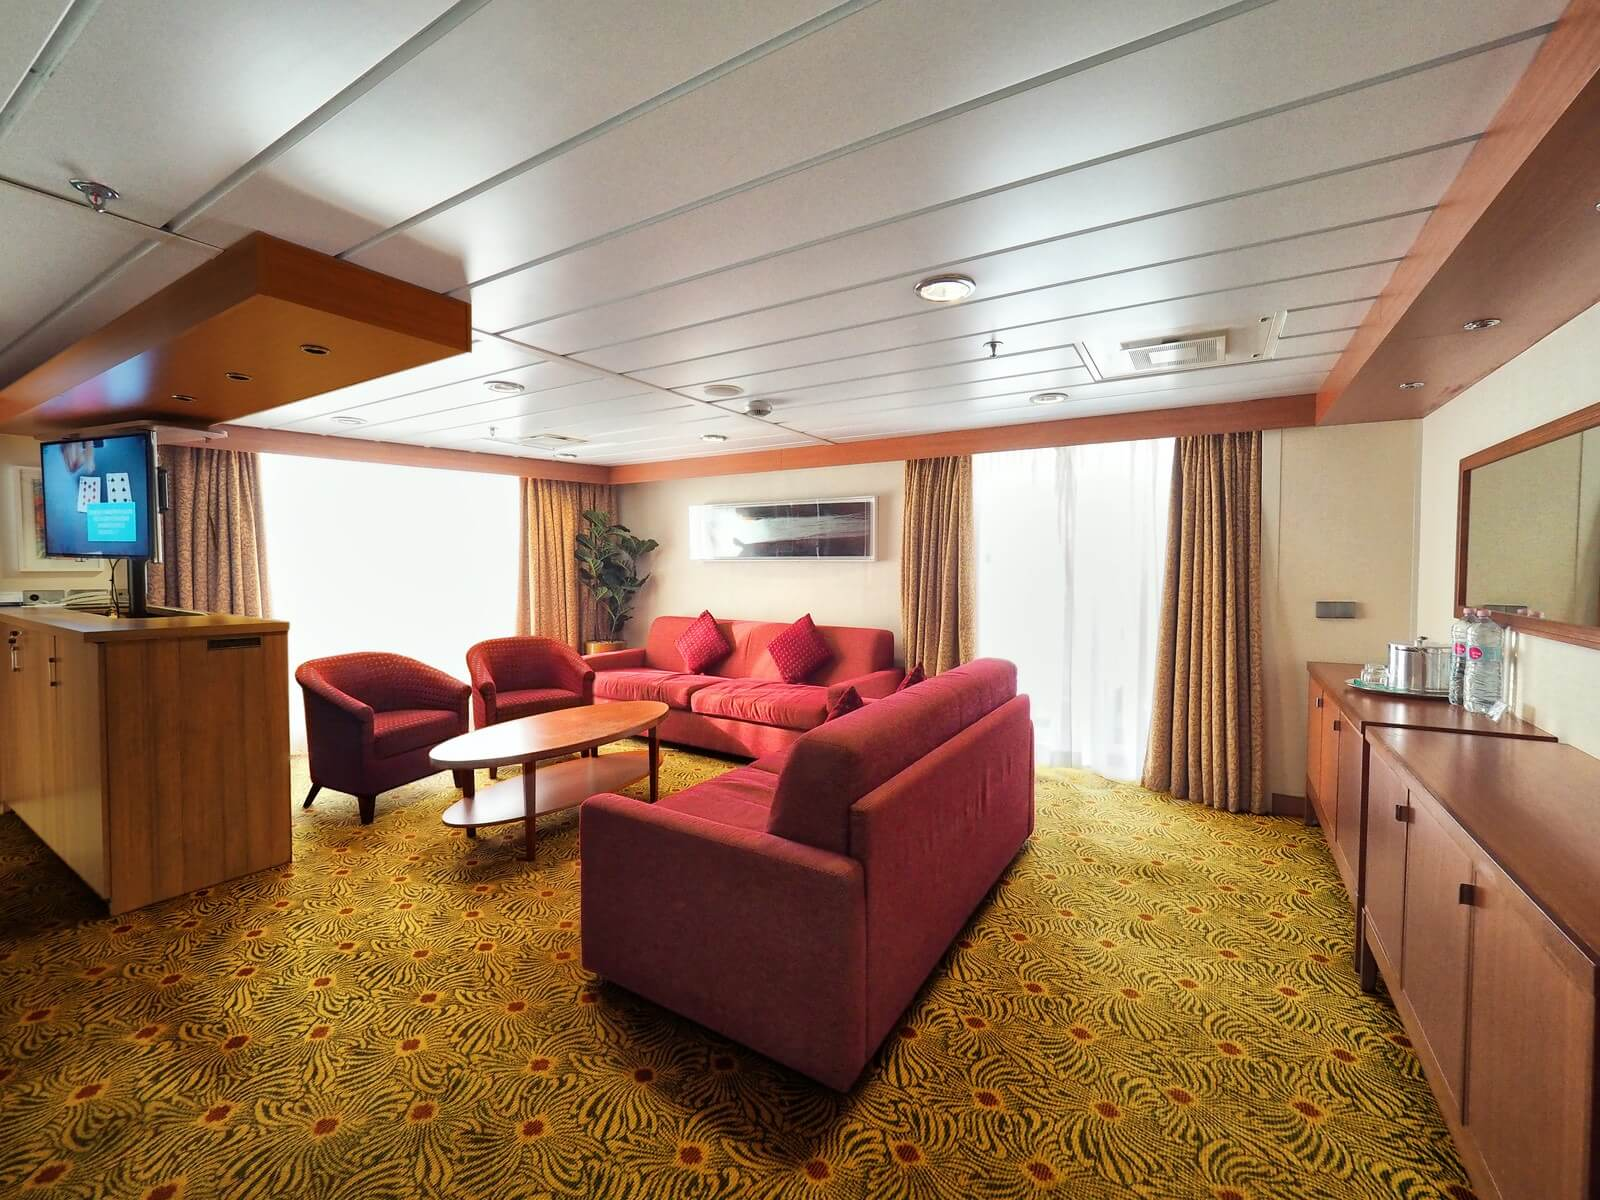 ピースボートプレミアム 客室 ペントハウス スイート1